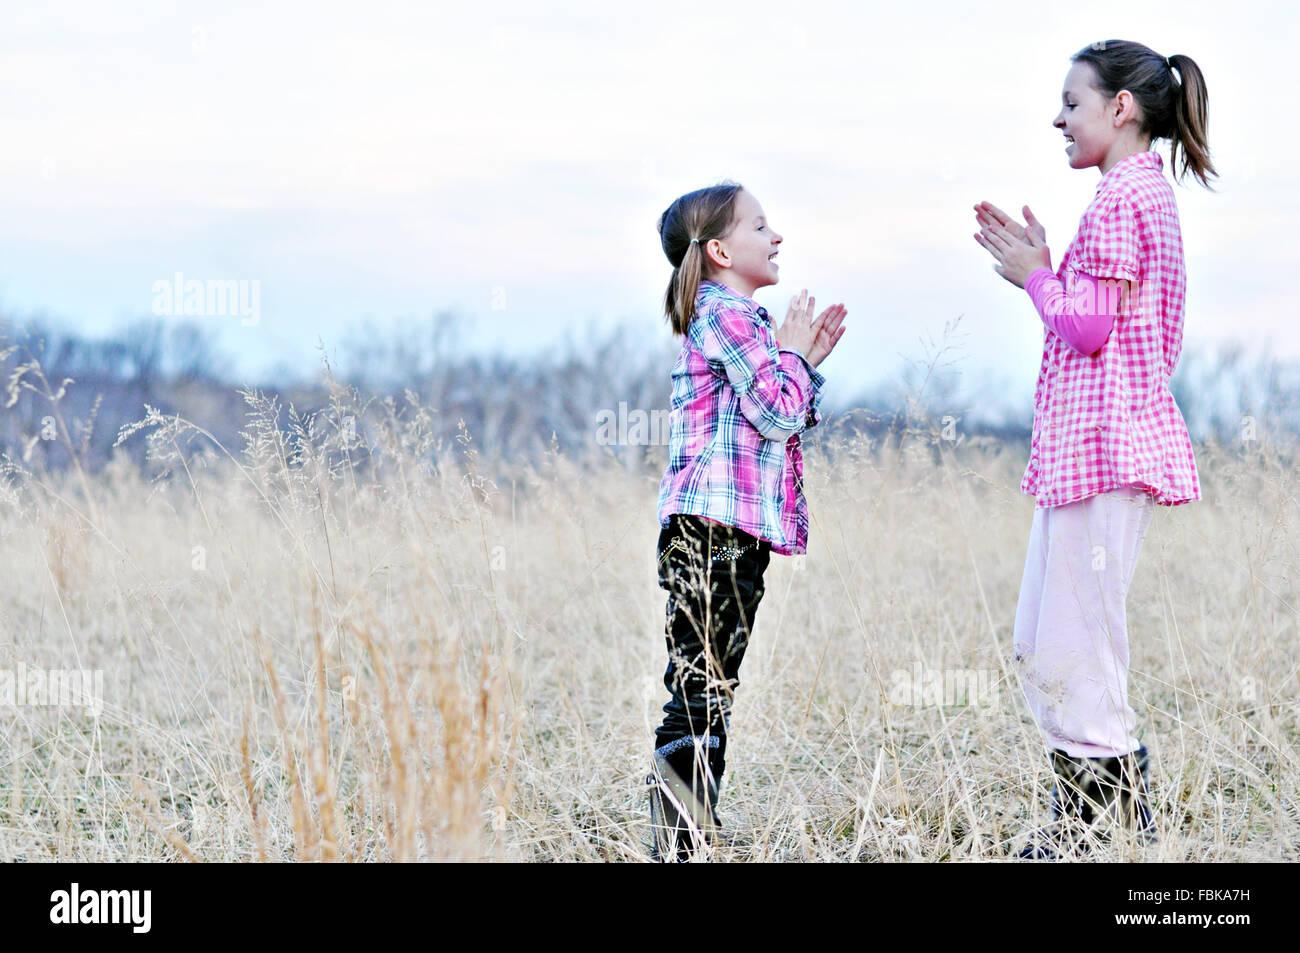 Las niñas tocando palmas en el campo de juegos de mano Imagen De Stock